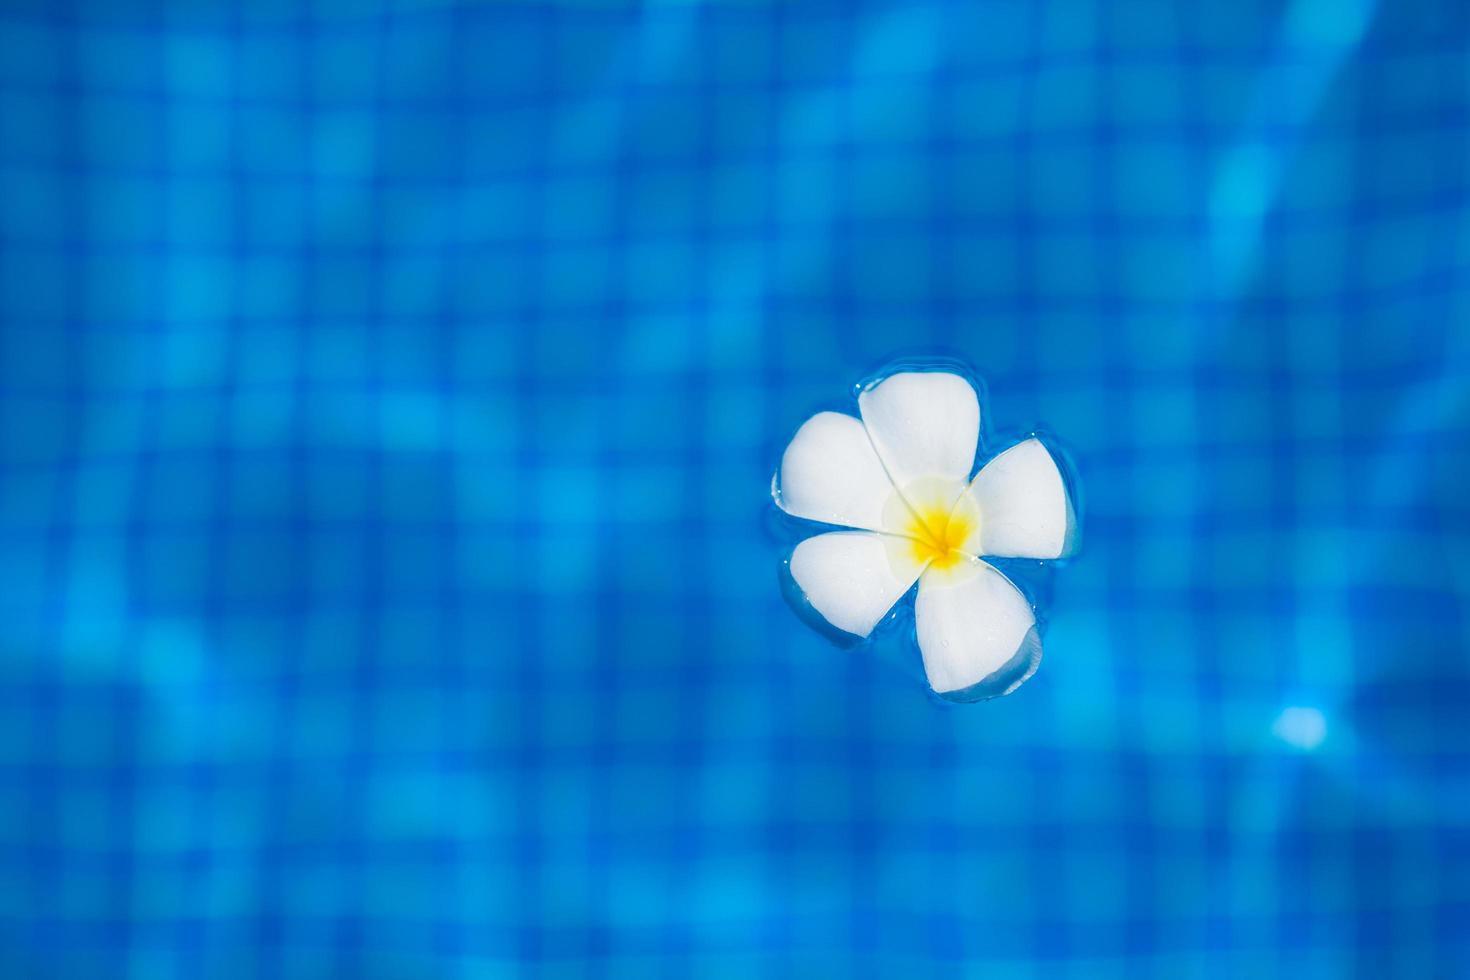 Plumeria-Blume, die im blauen Wasser schwimmt foto